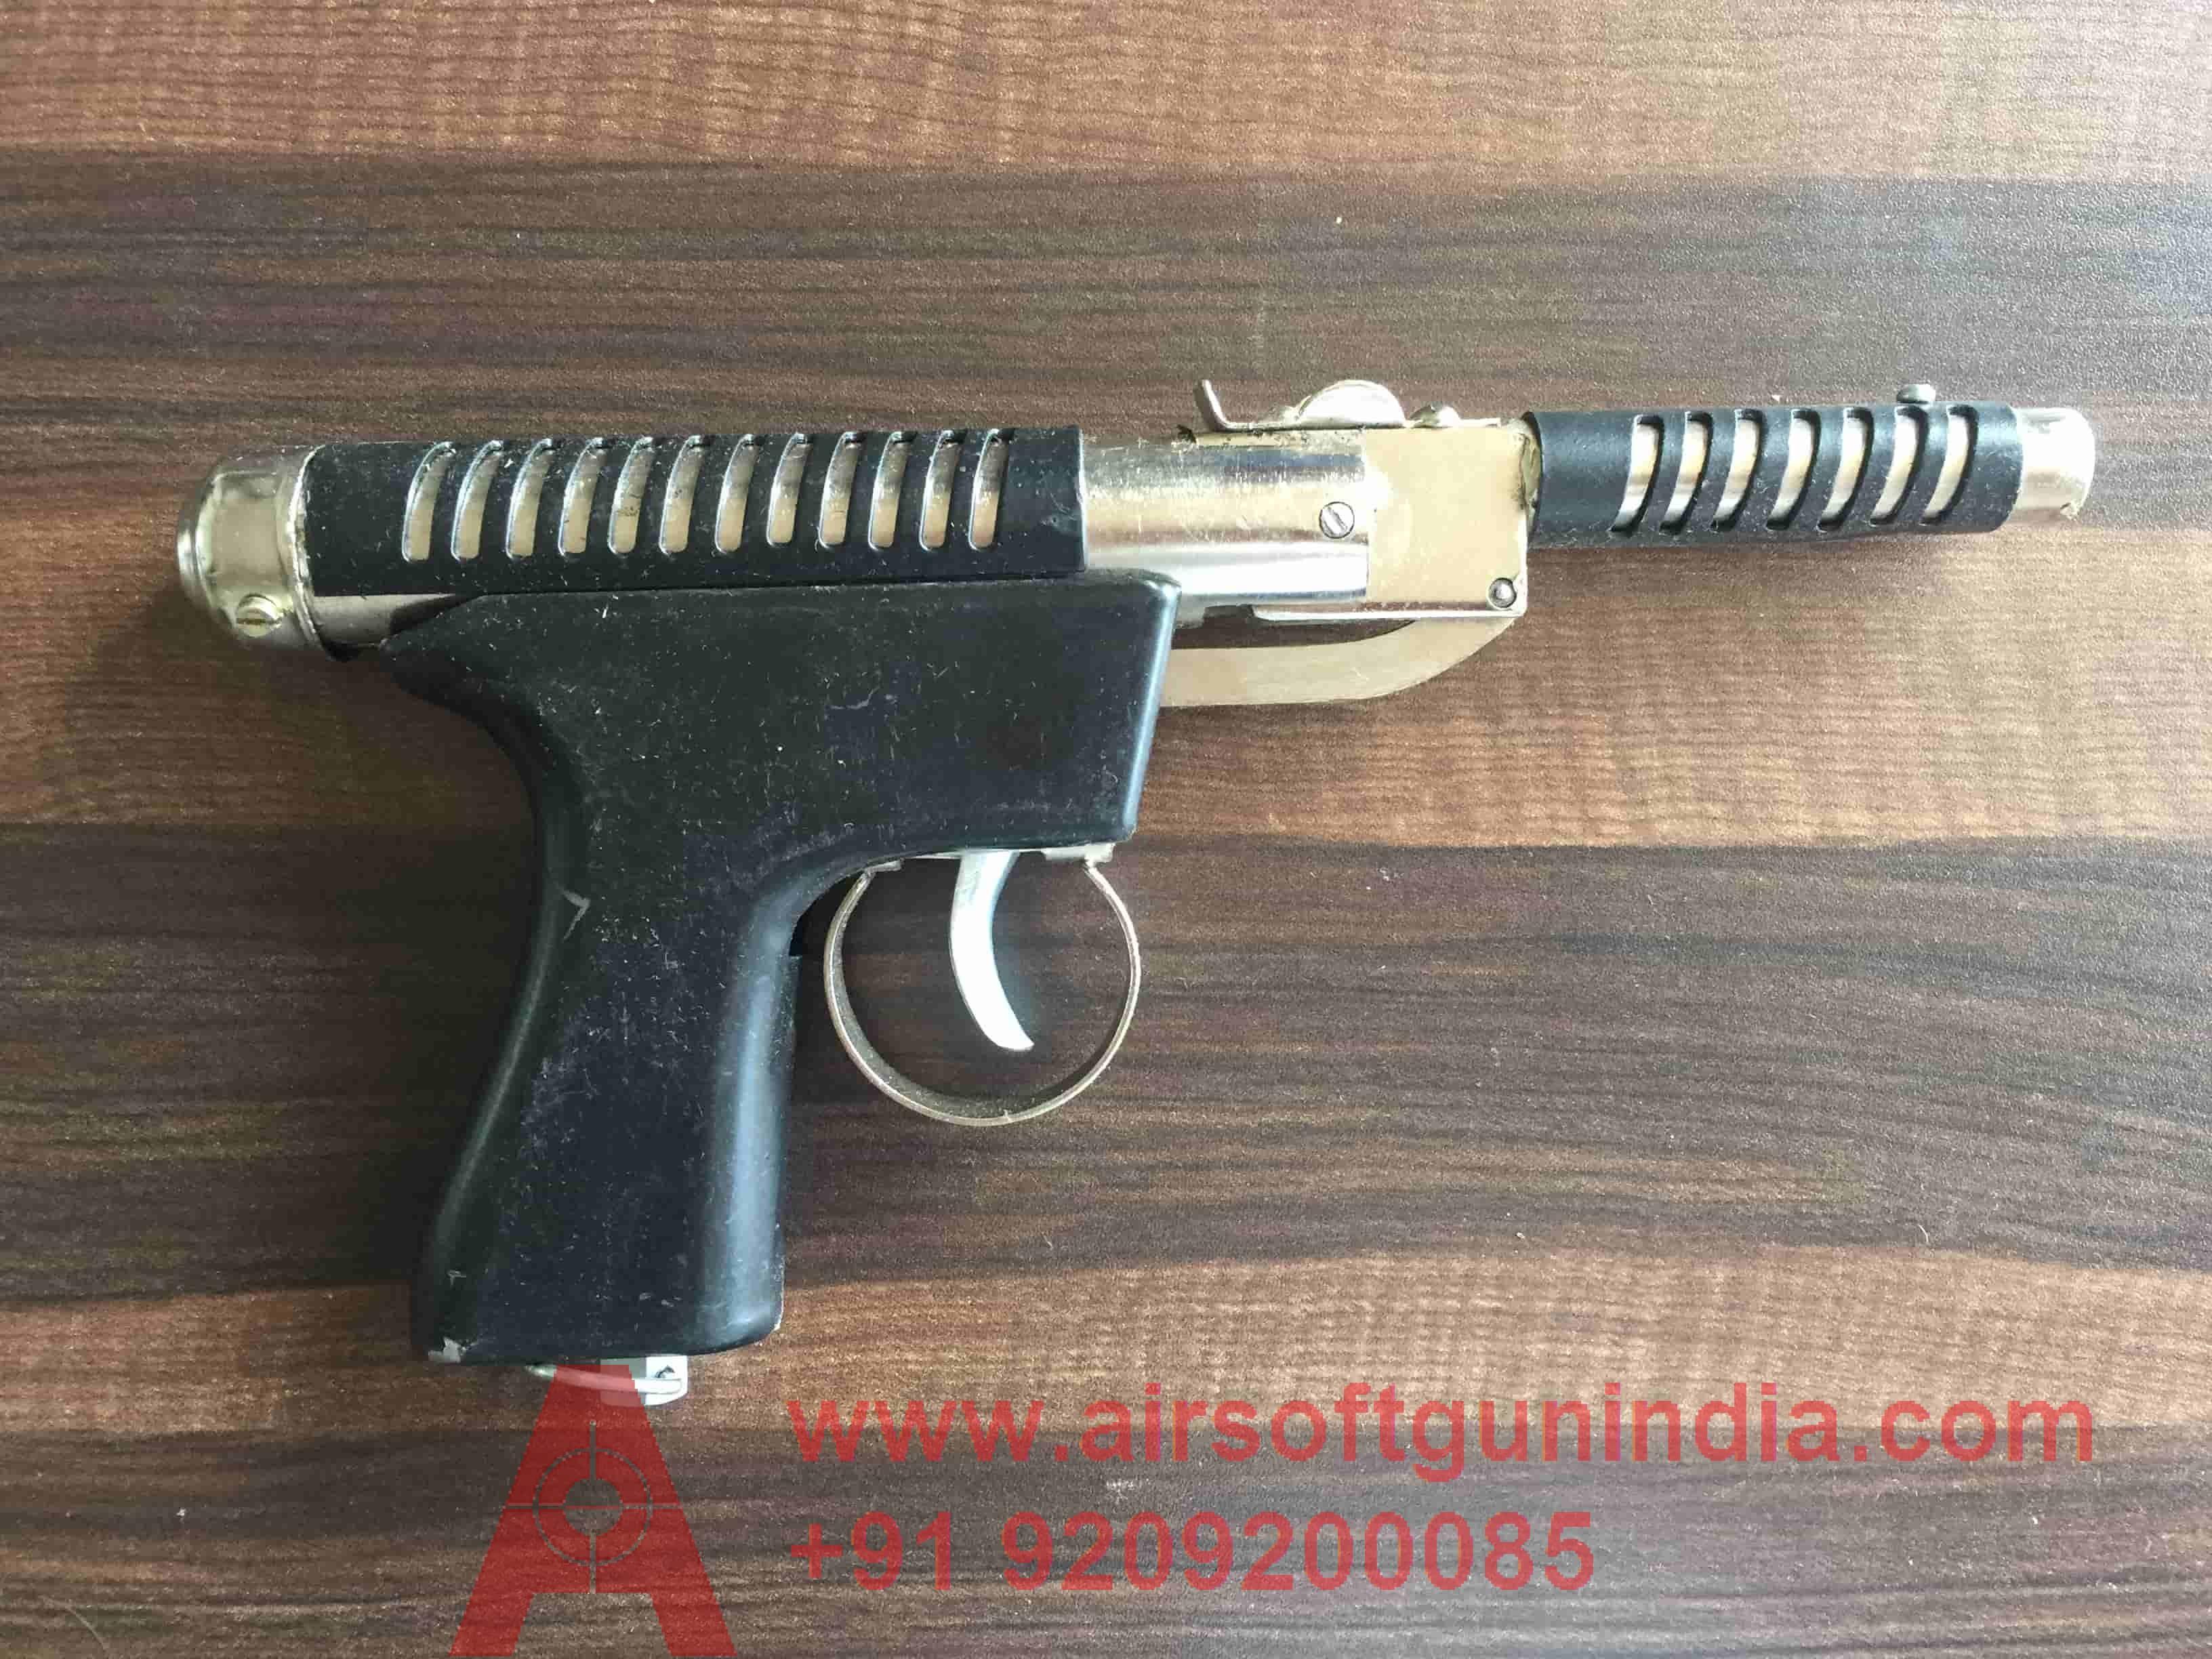 Batman Air Gun In India ( Black )